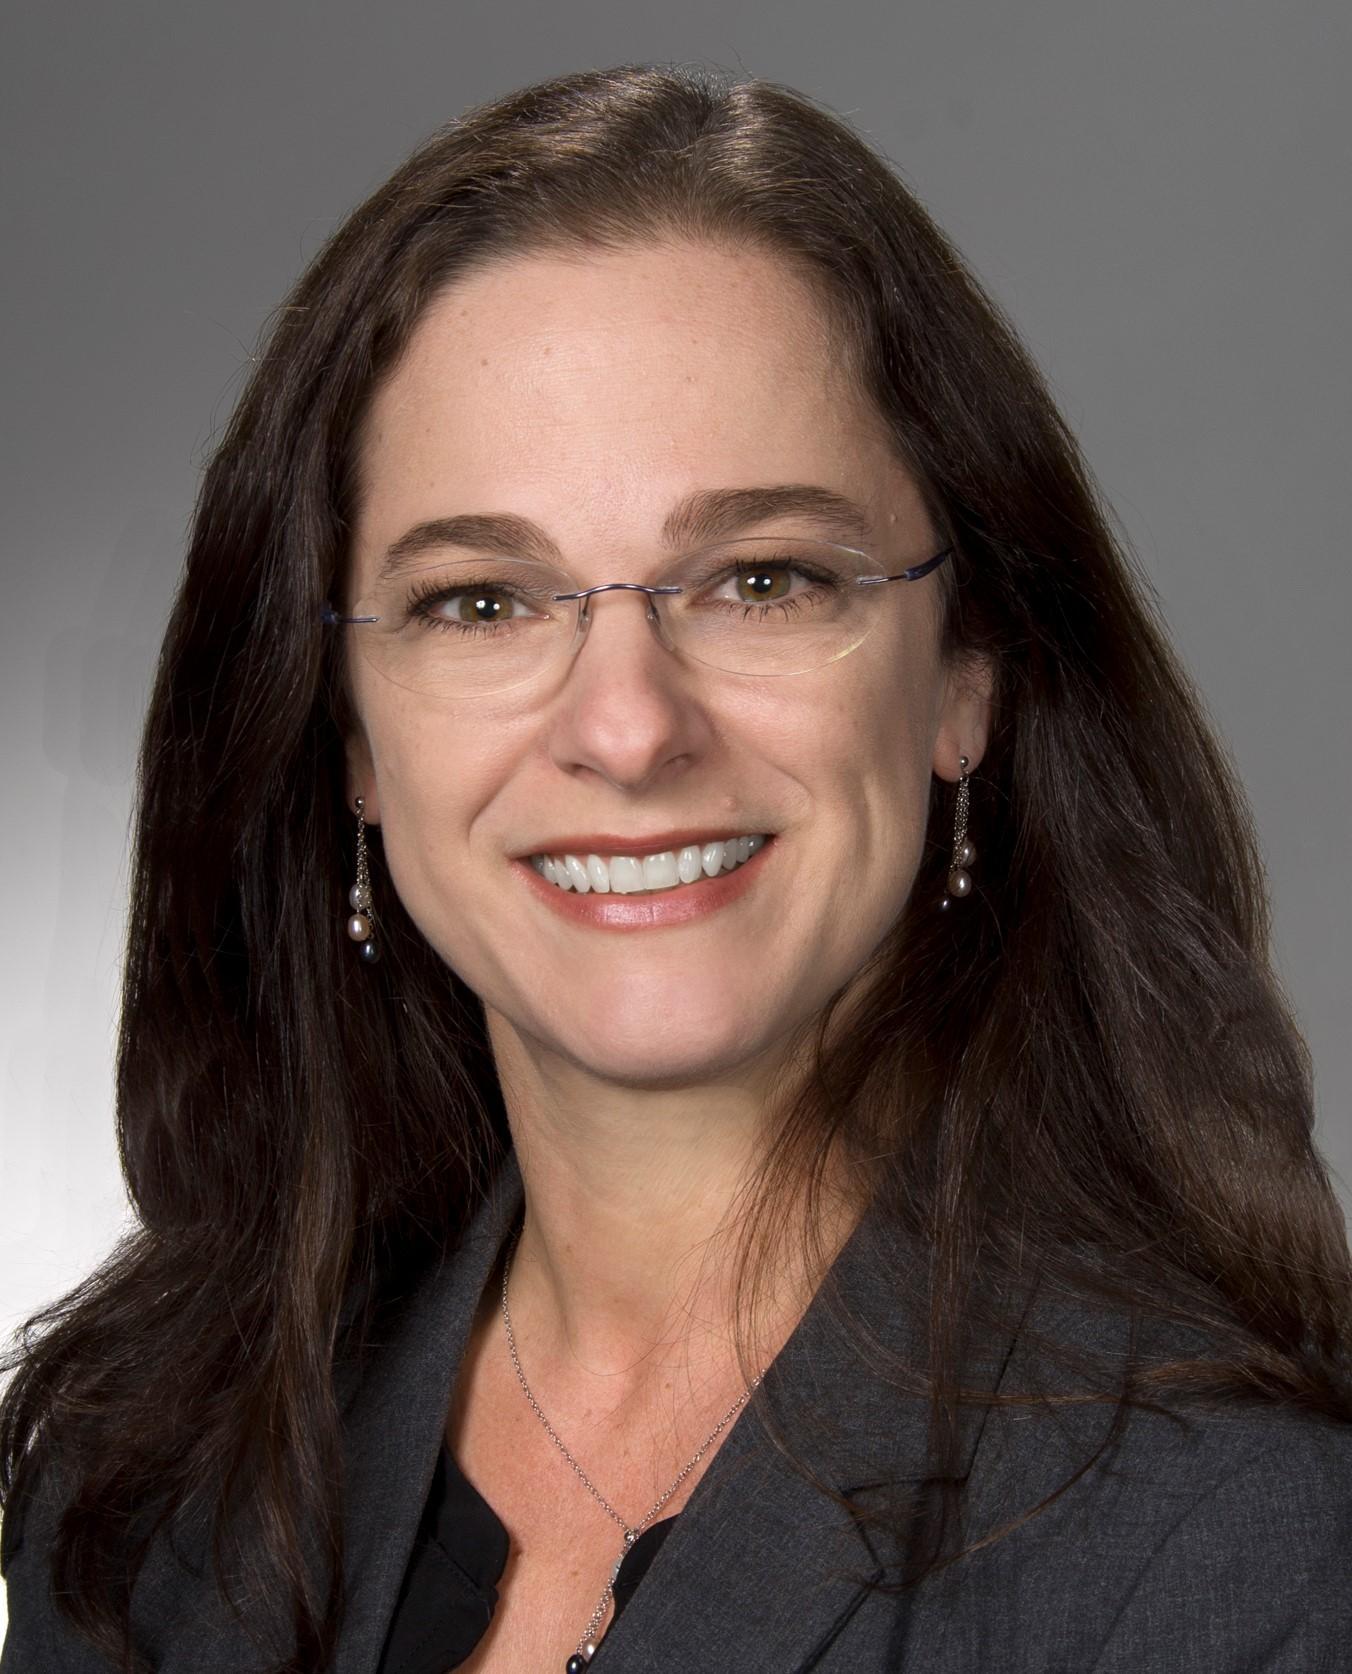 Christina Alutto